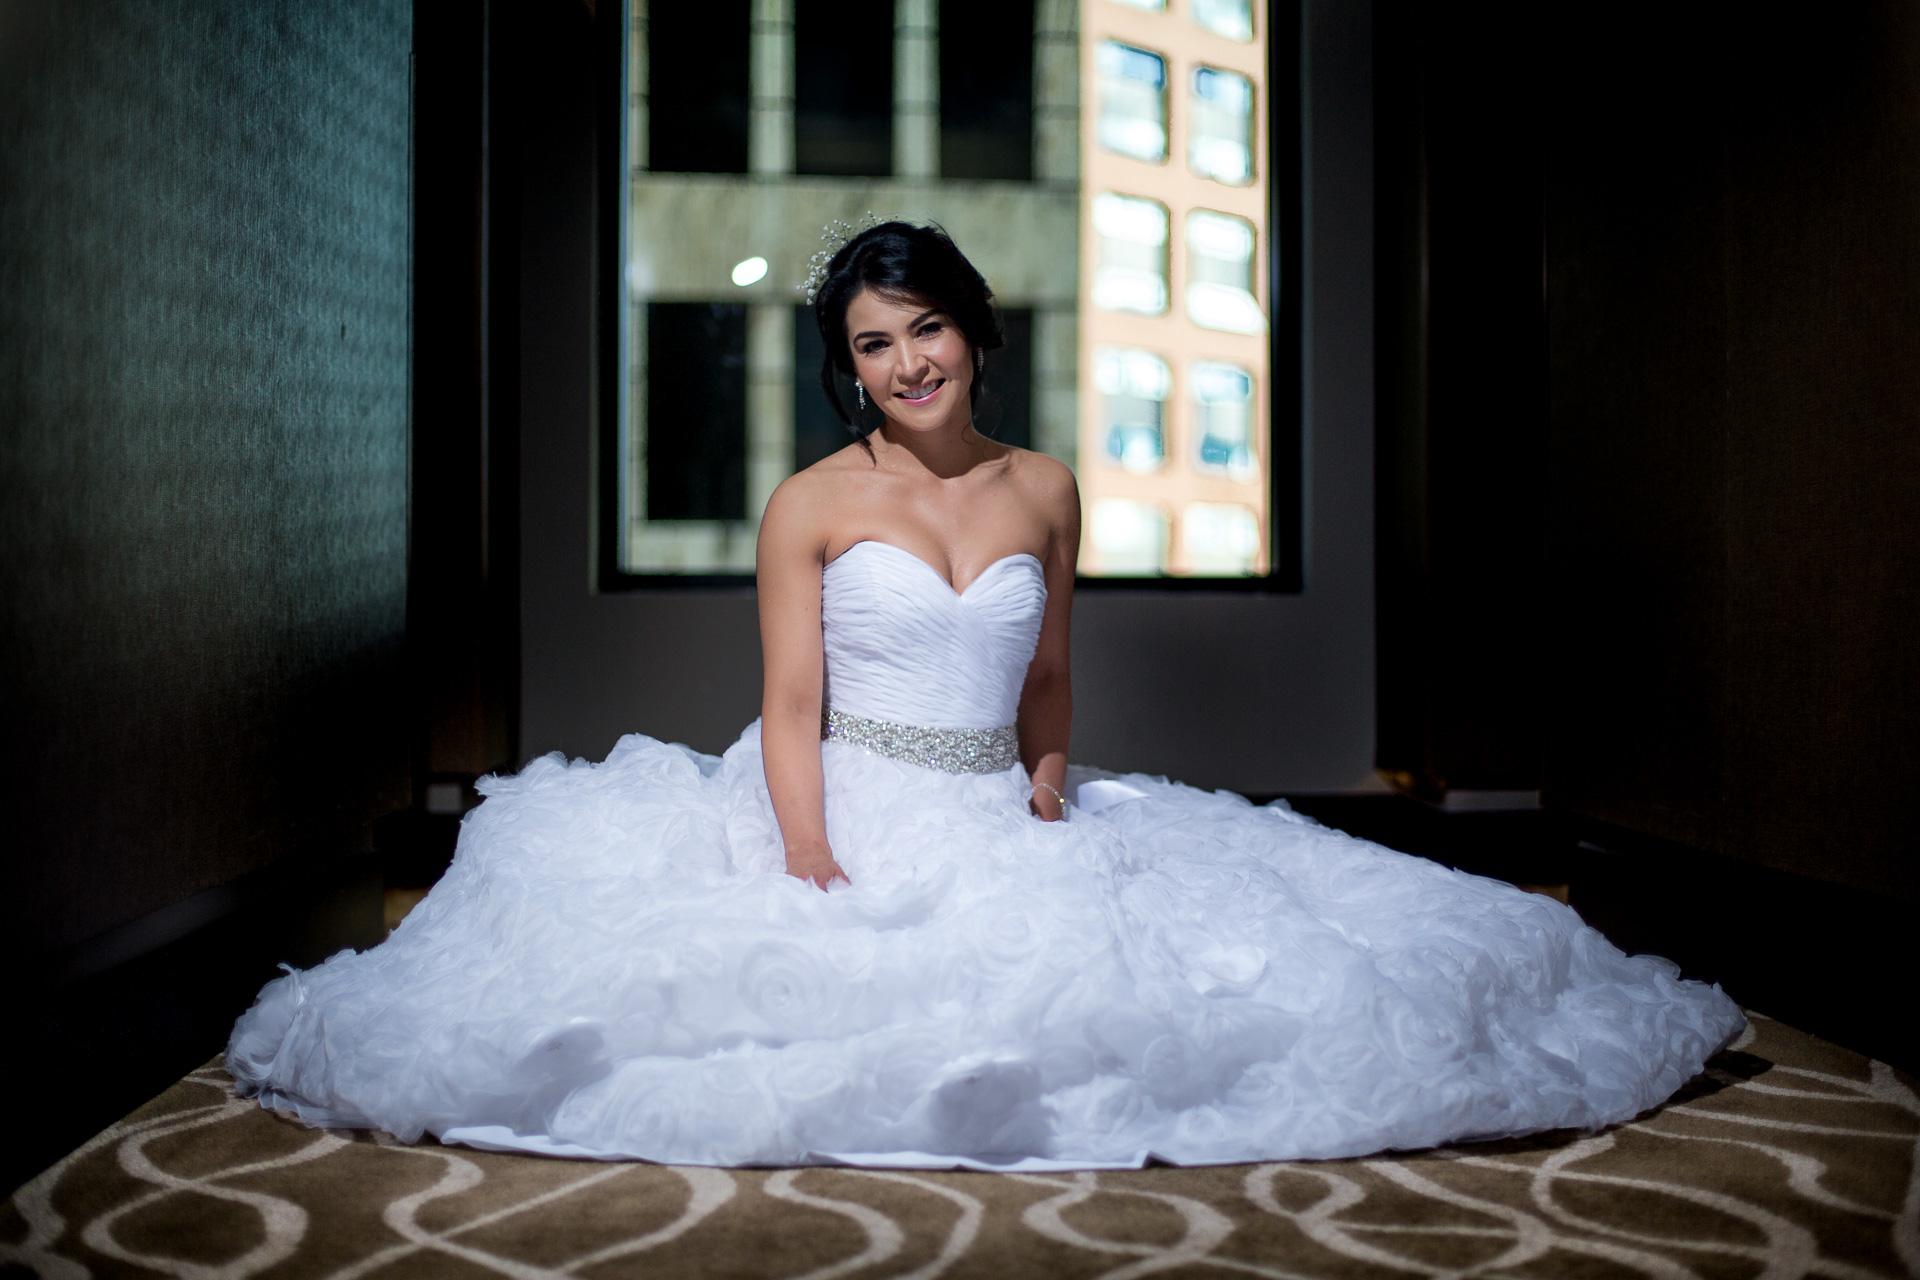 Fotógrafos-de-bodas-en-Colombia-Andrea-y-Antonio-17 ANDREA + ANTONIO